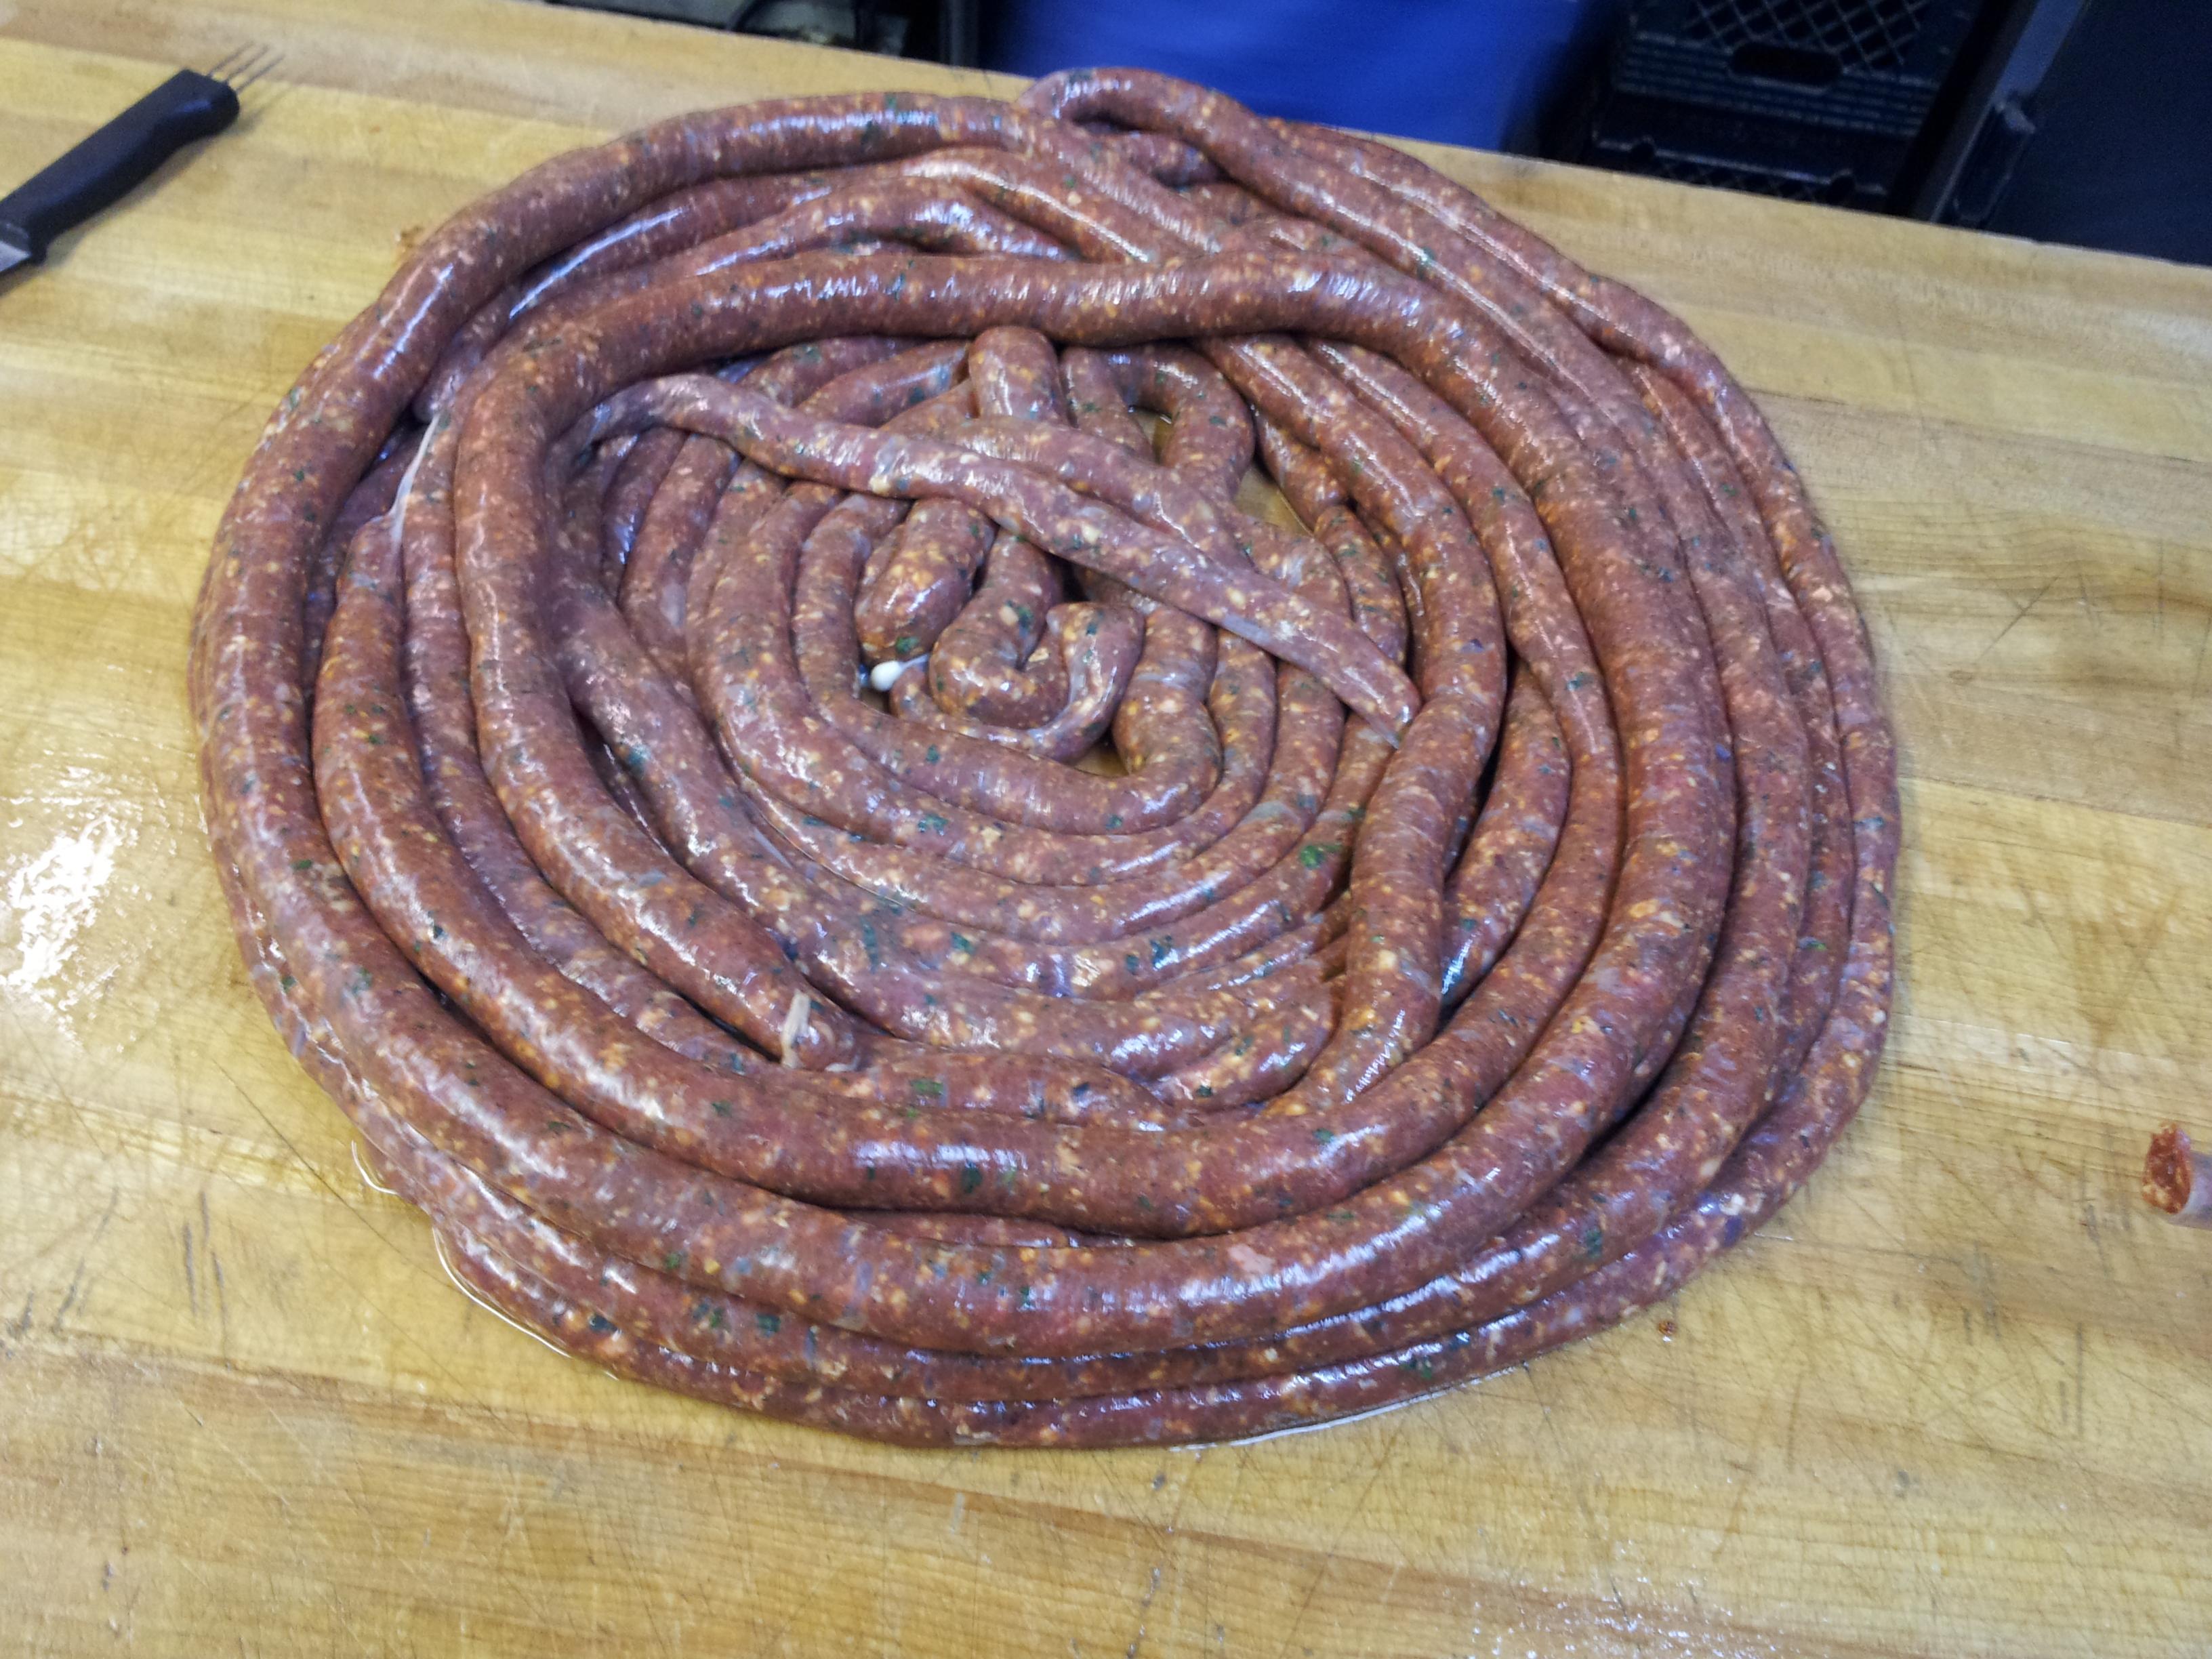 Finished lamb Marguez sausage.